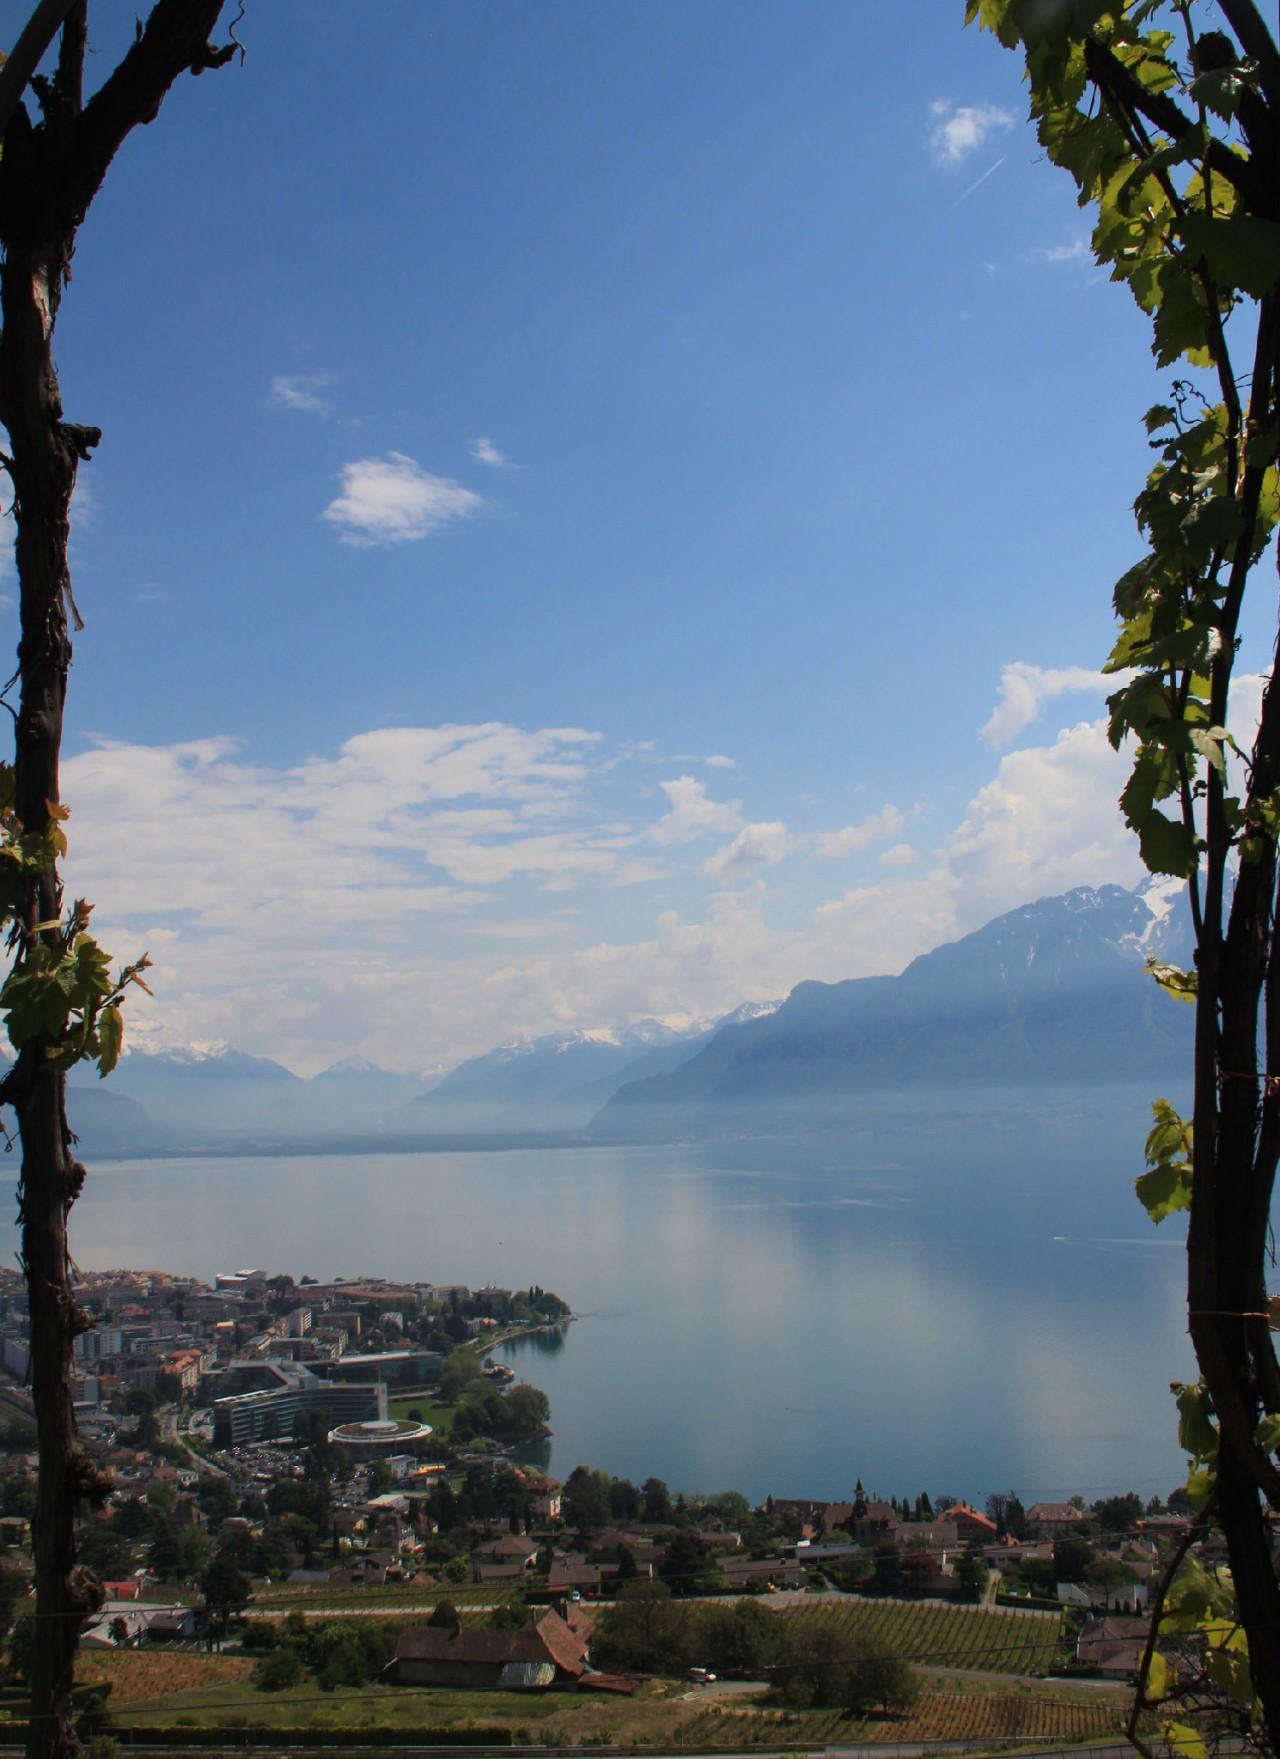 Suisse: Surprises et curiosités autour du lacLéman